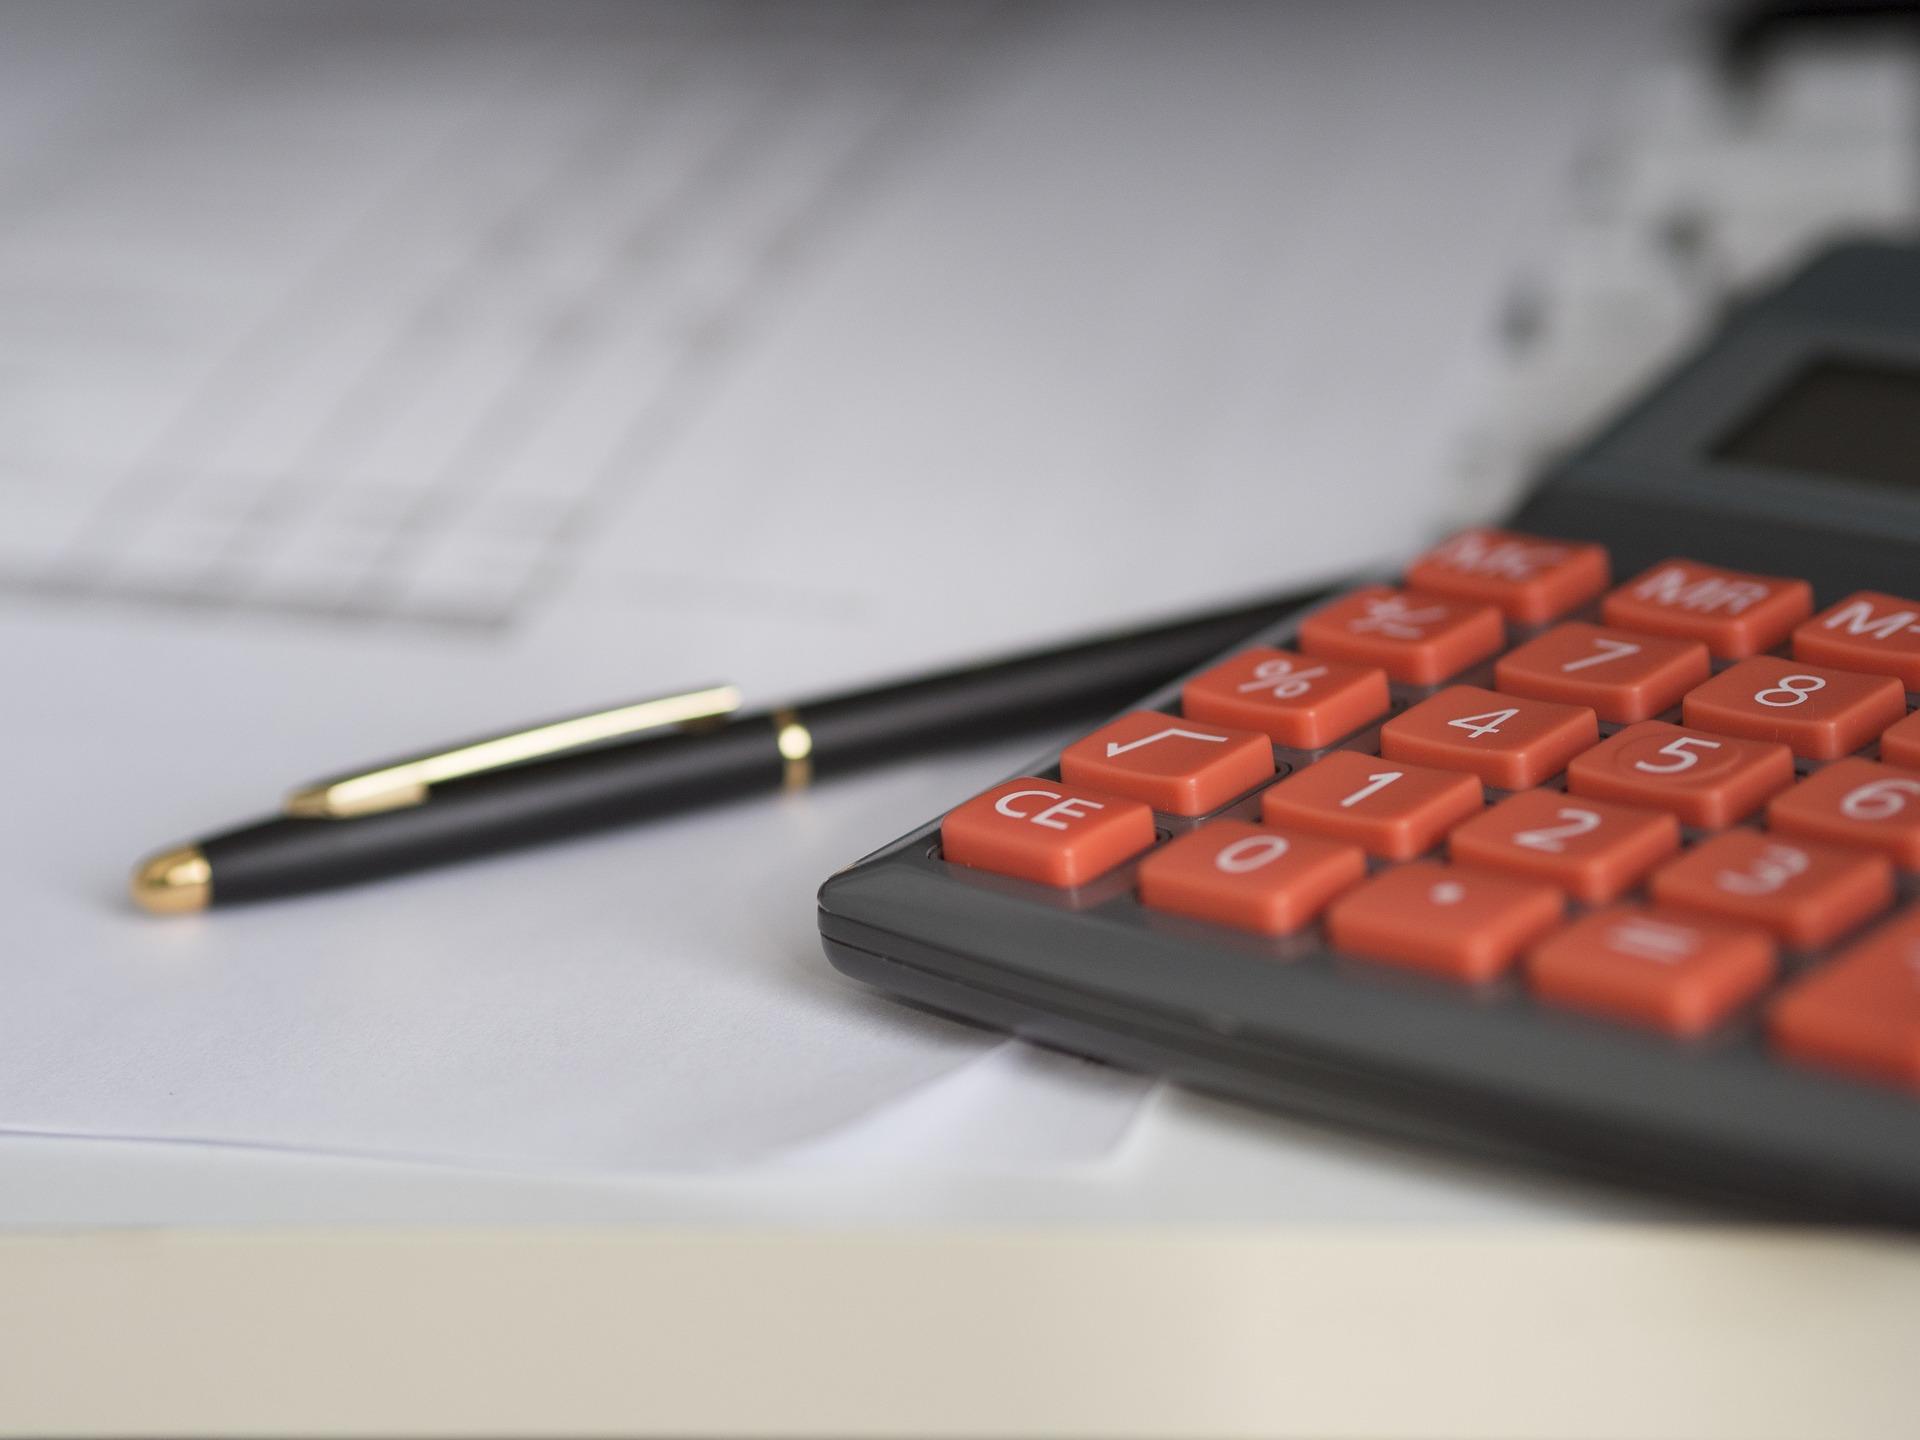 Prüfung Lebensversicherung Taschenrechner Stift